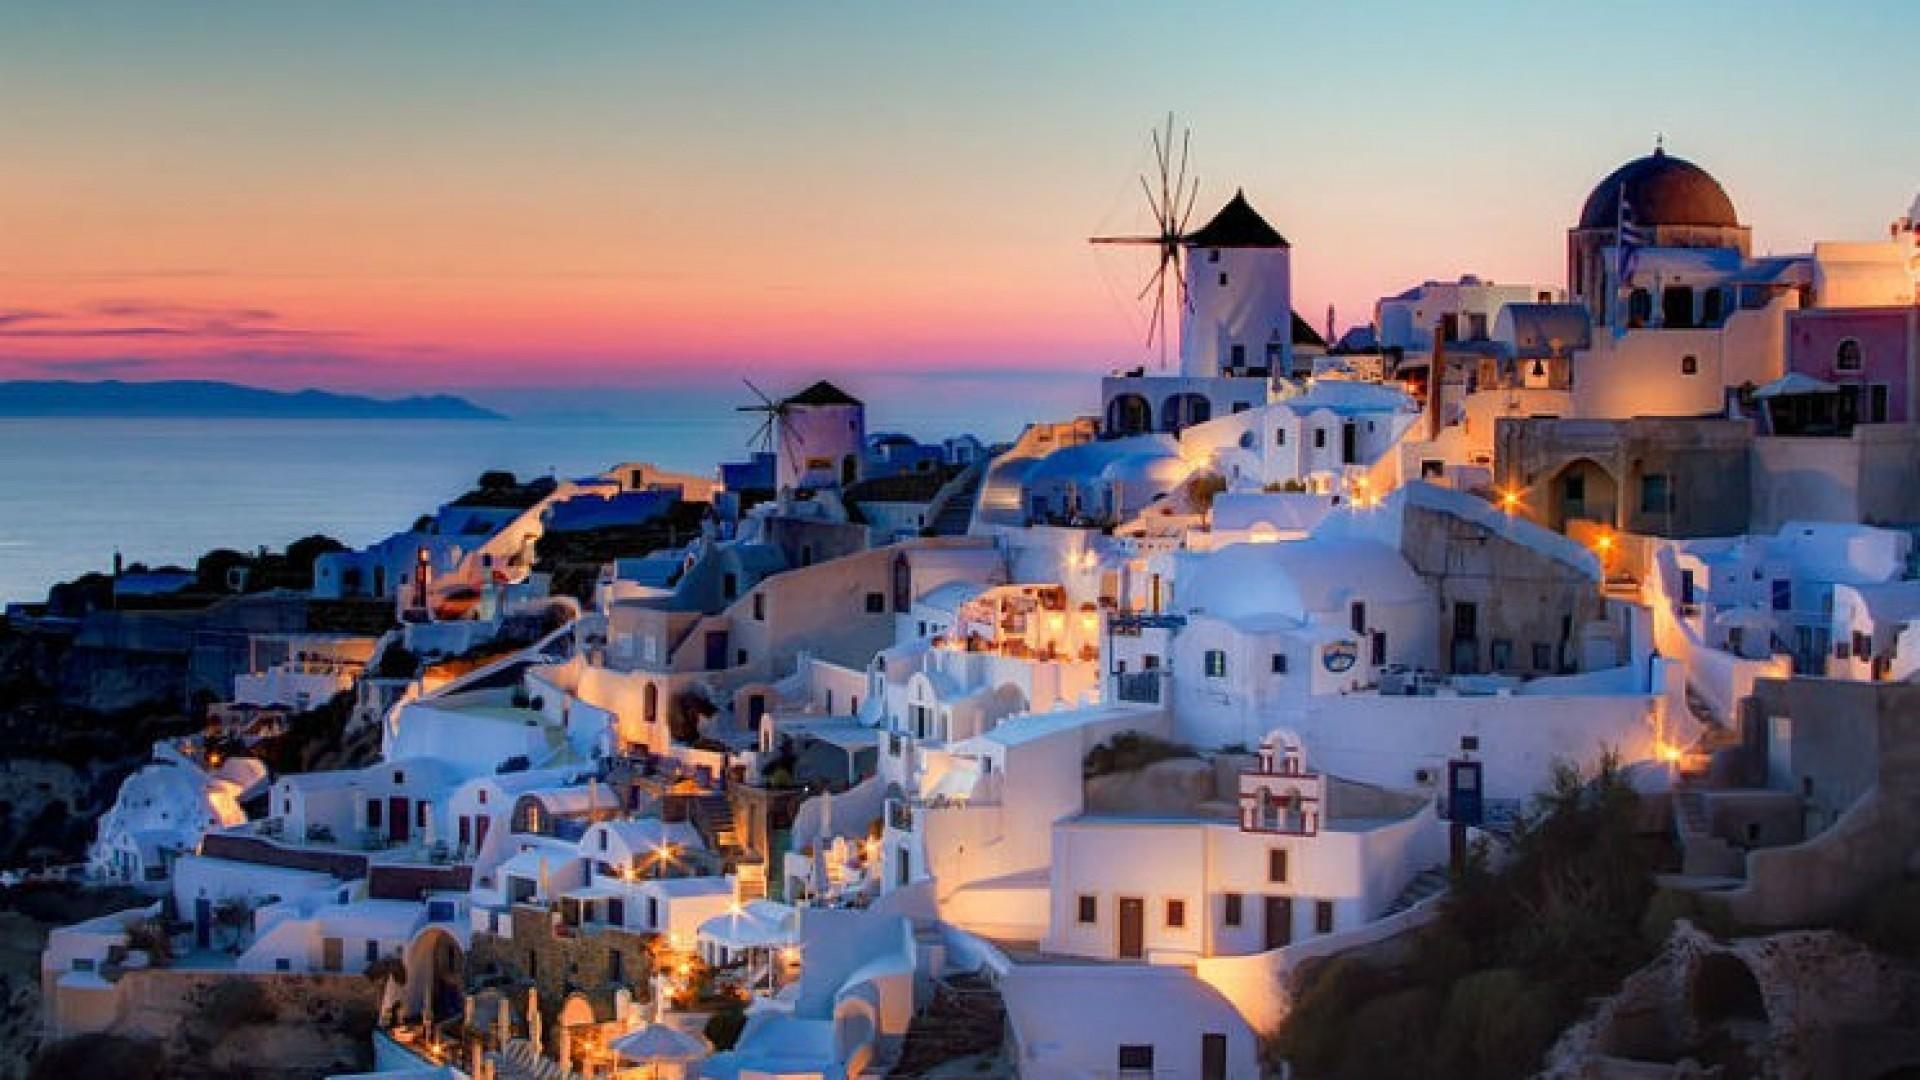 Grecia insolita - villaggio in catamarano